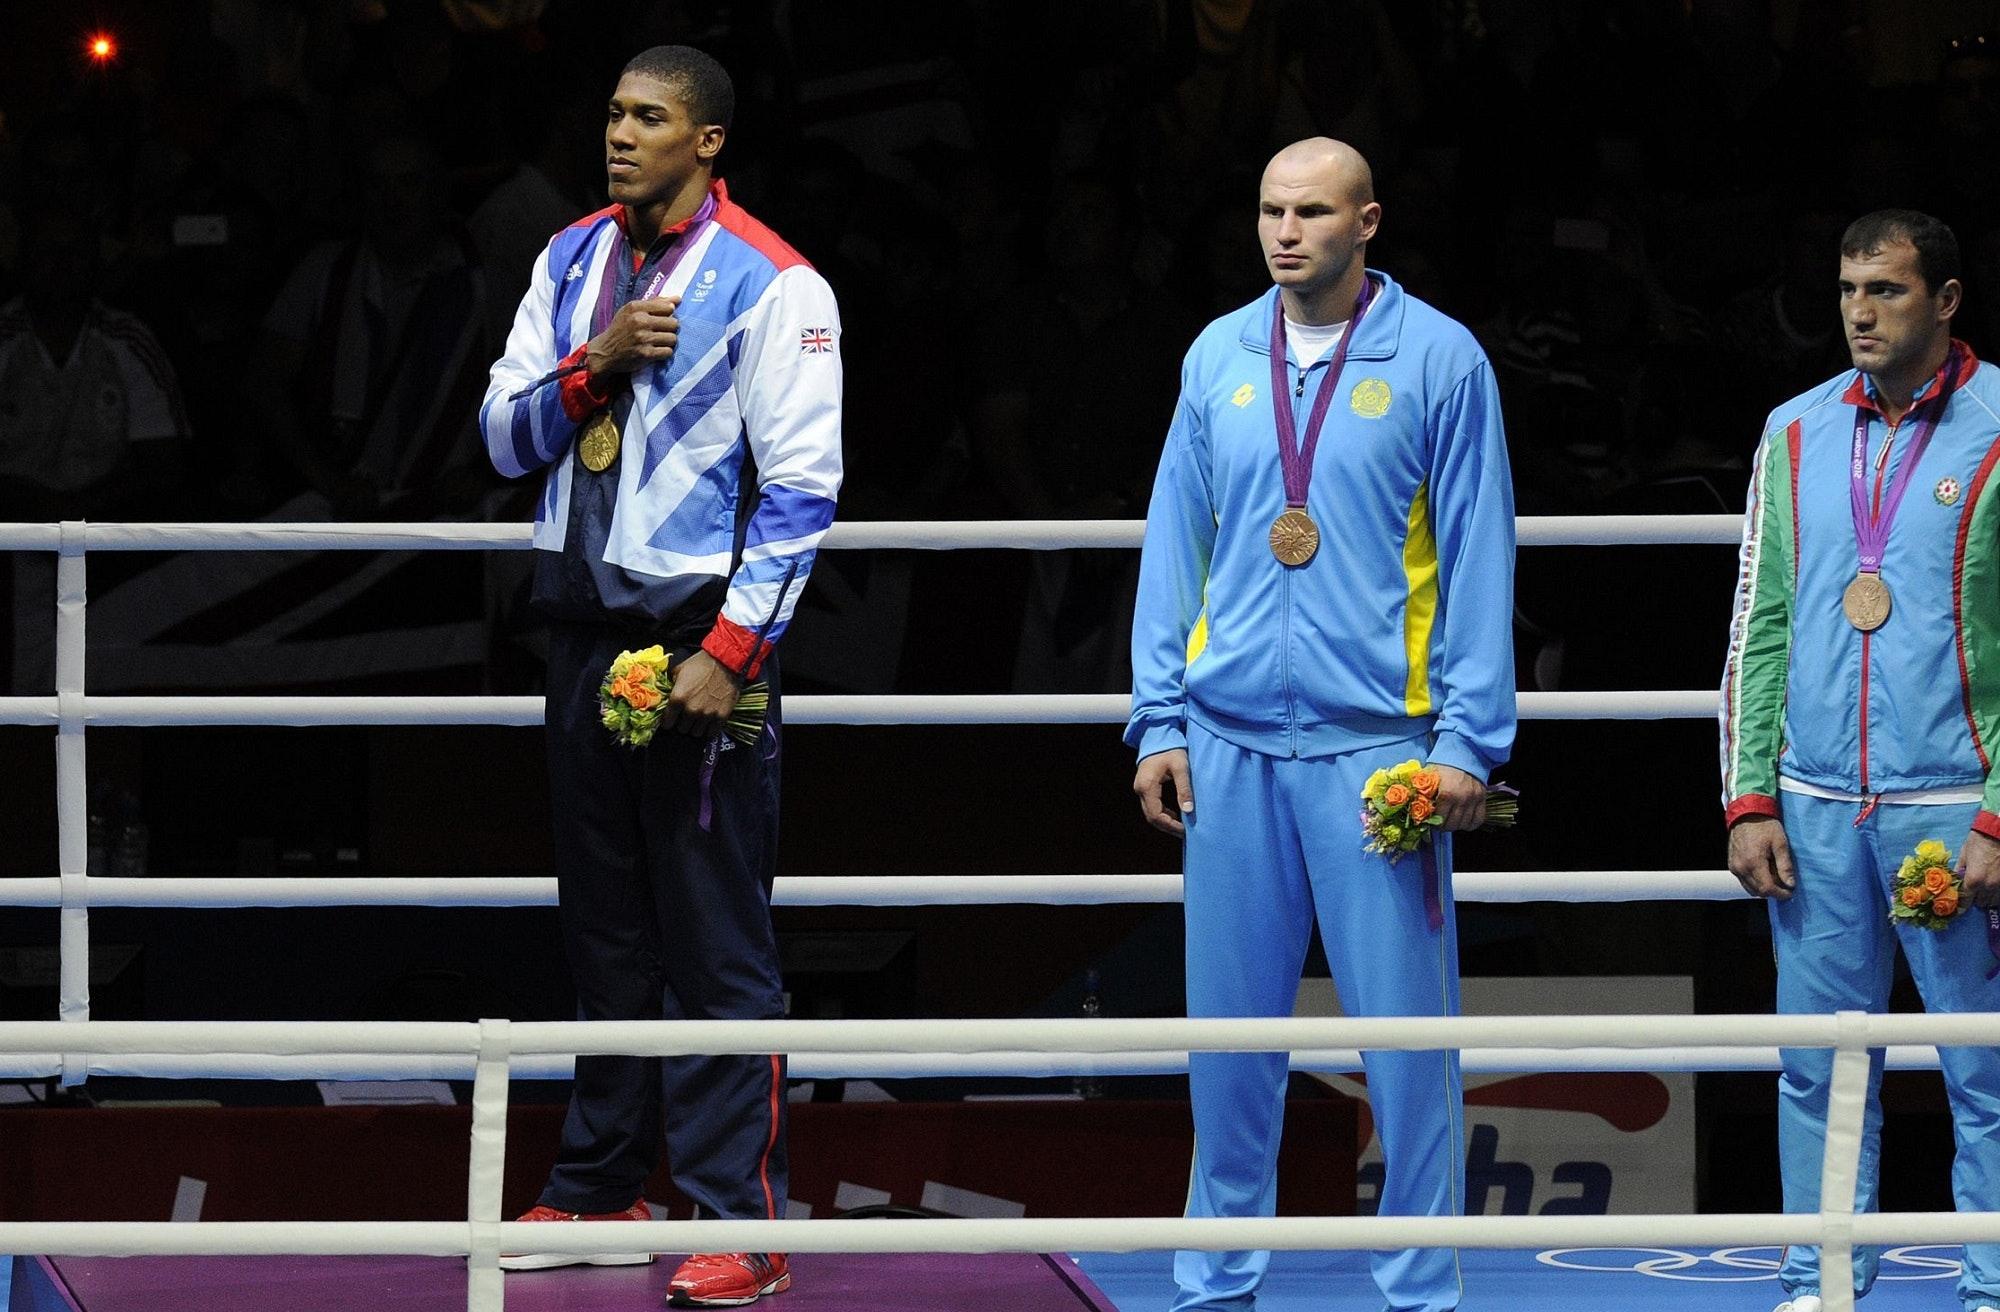 Igrzyska olimpijskie Londyn 2012 - boks, Anthony Joshua